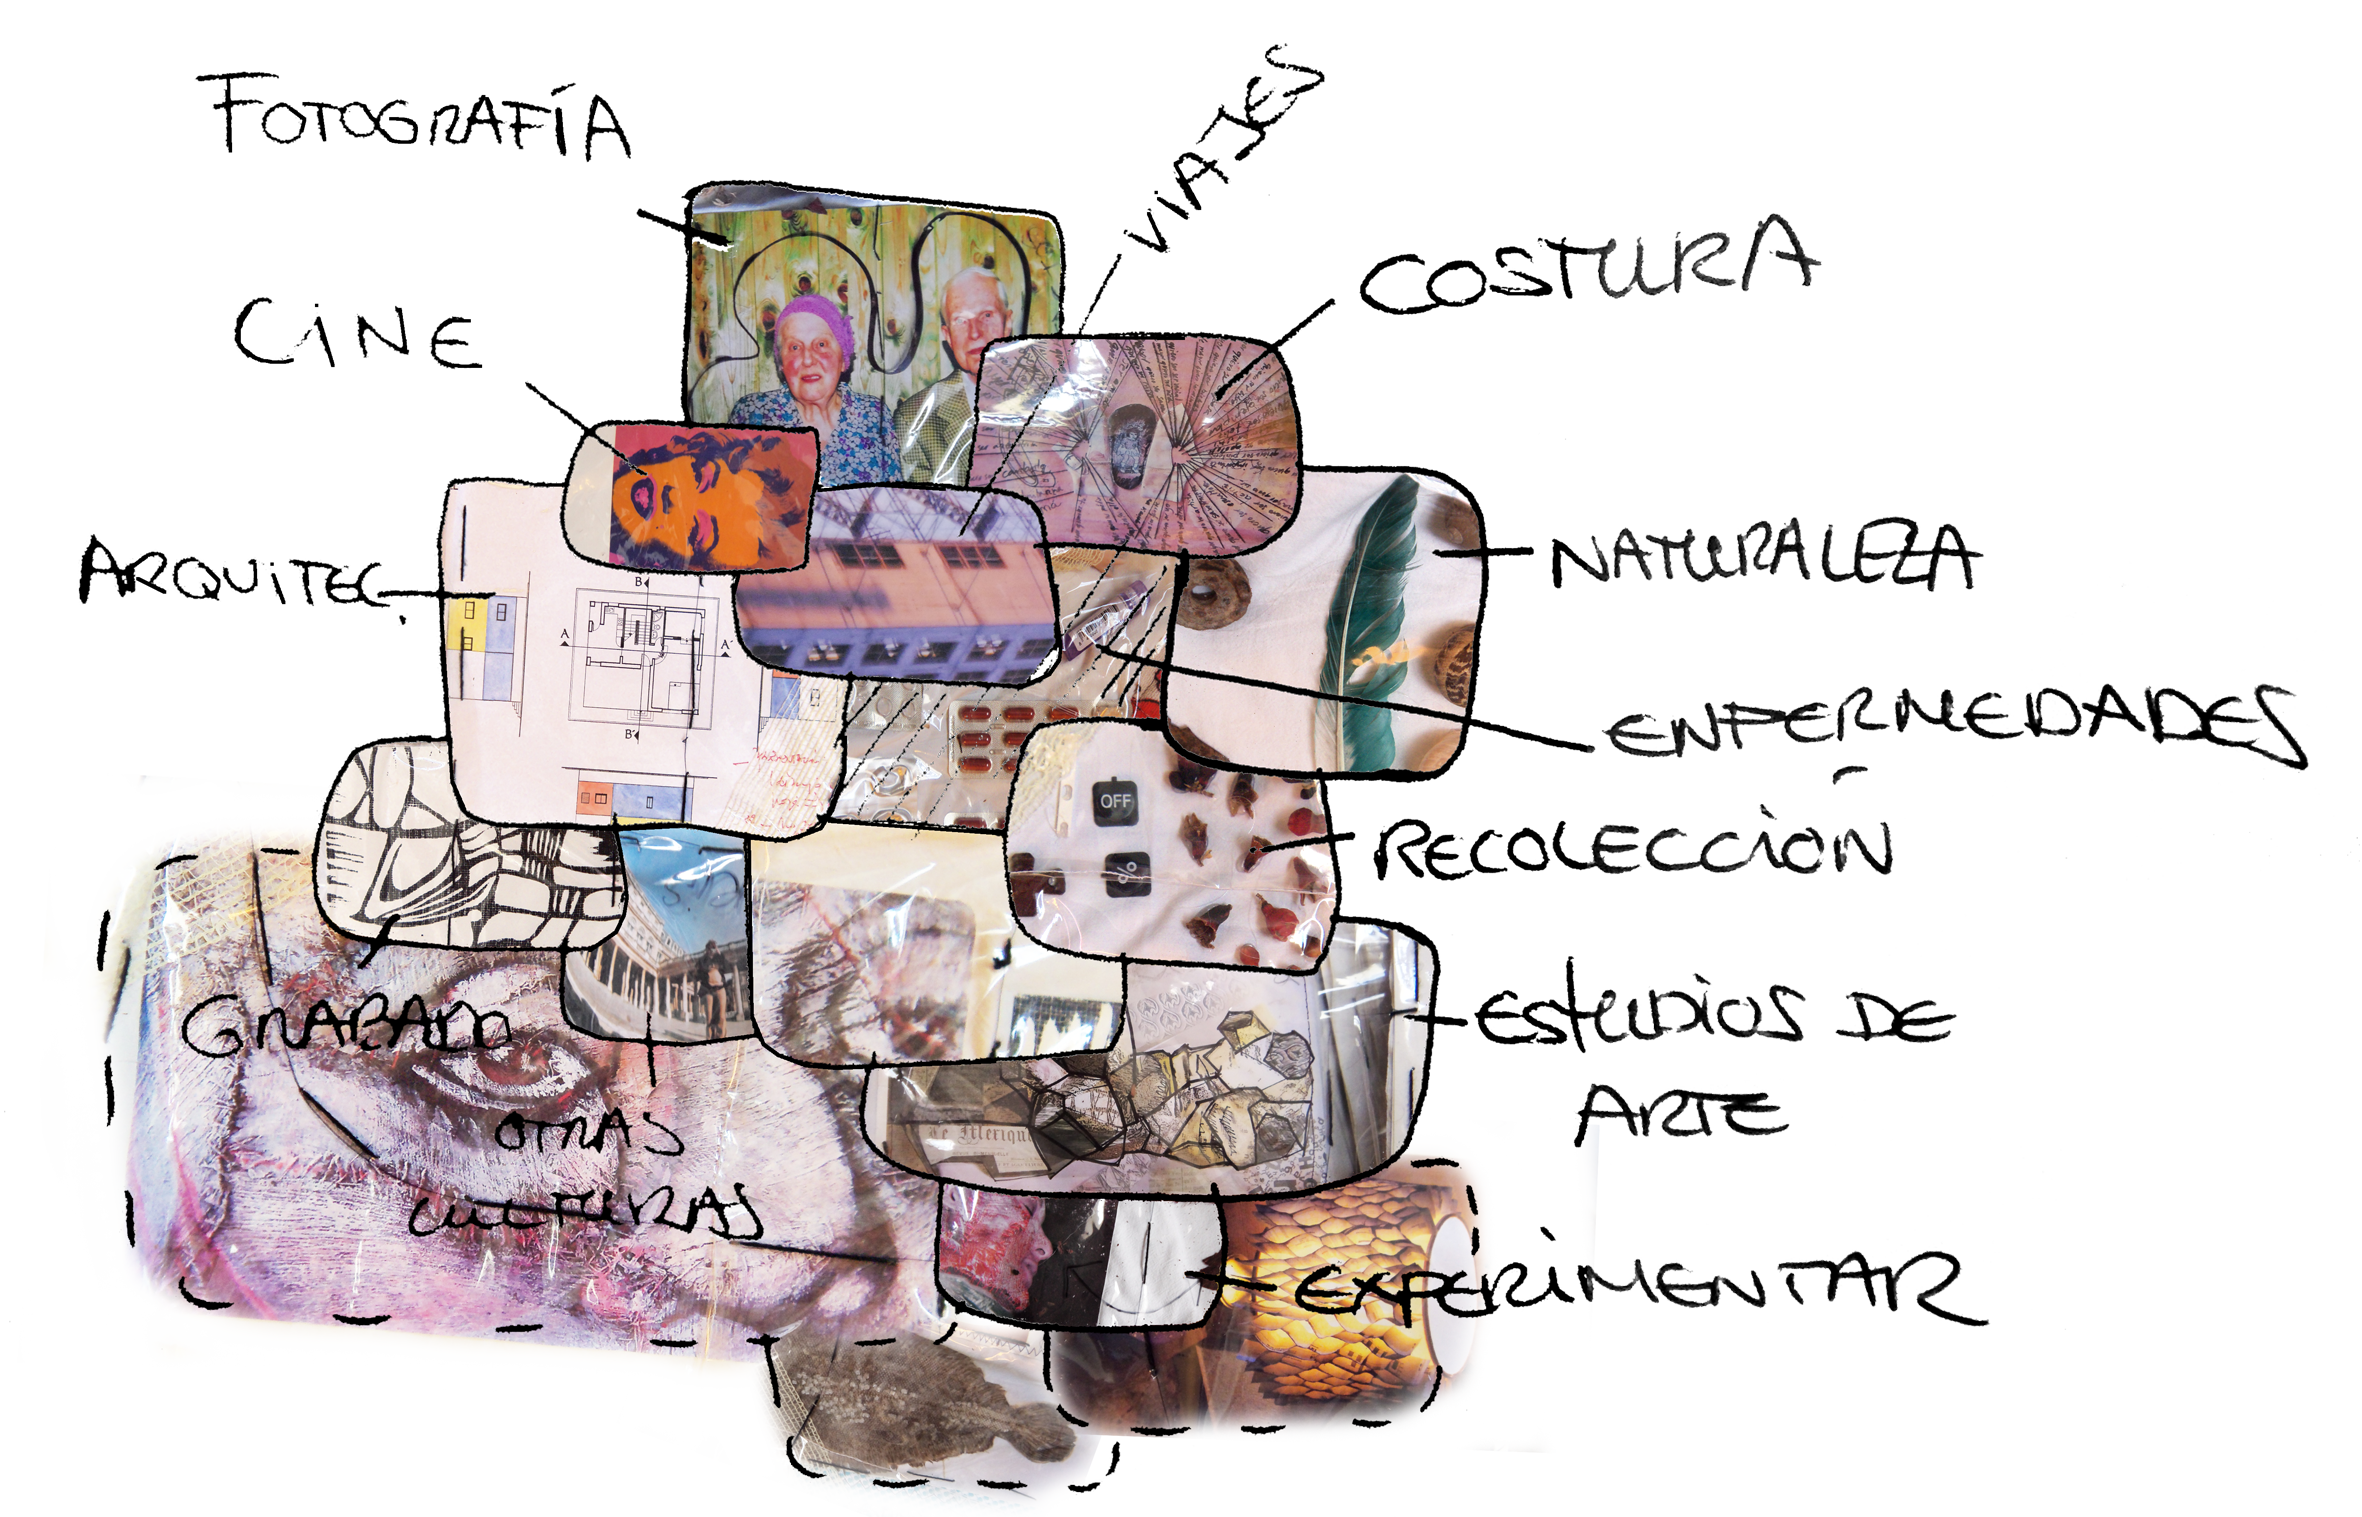 proyecto cartografía de un edredónd